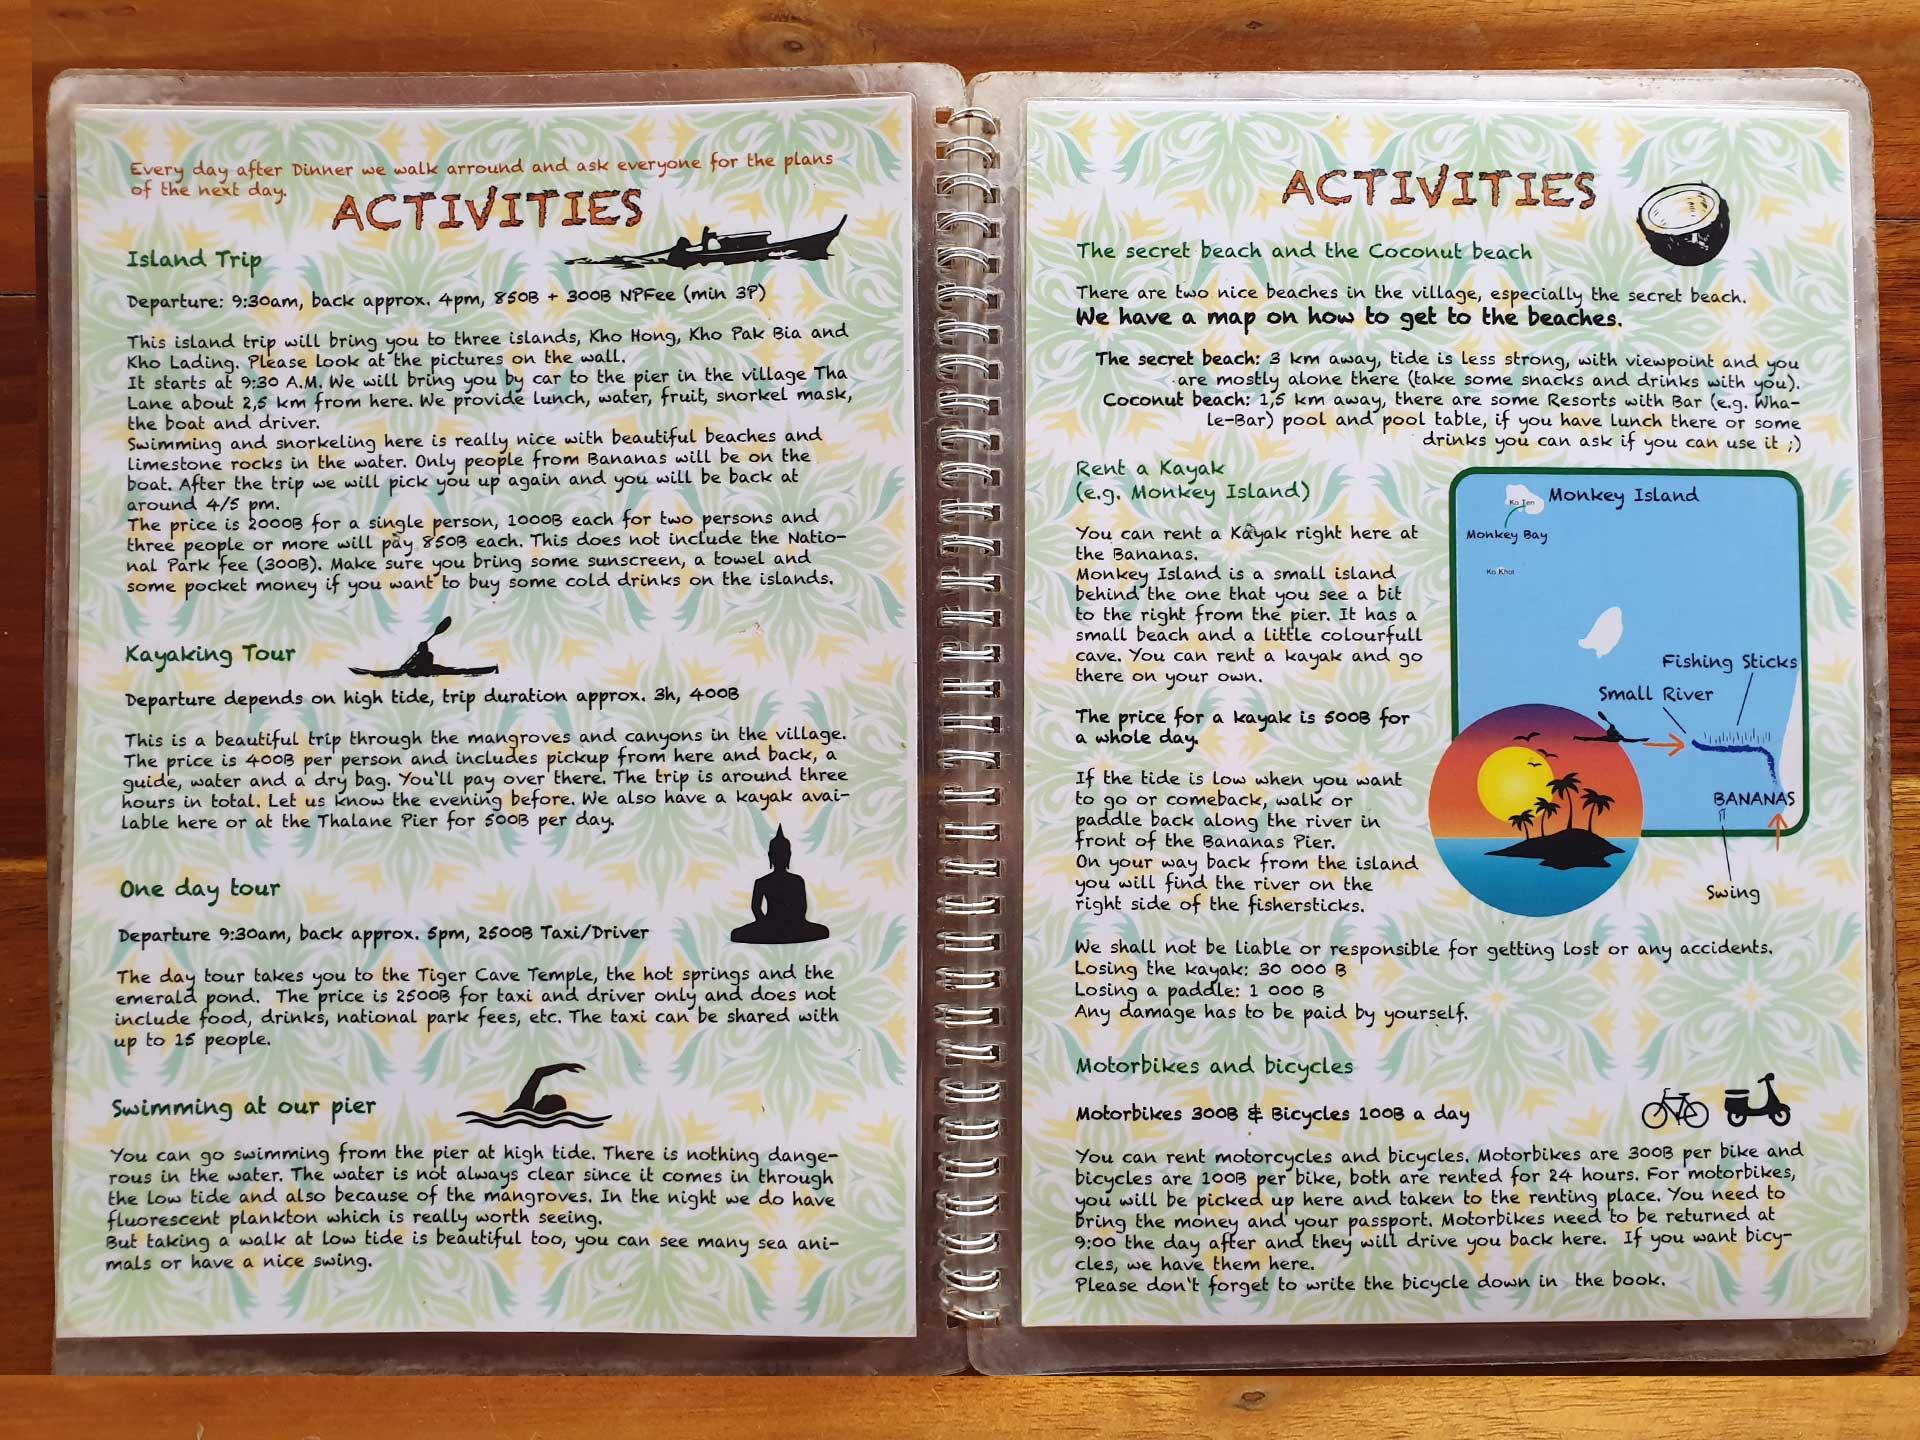 bananas-bungalows-menu-page-2